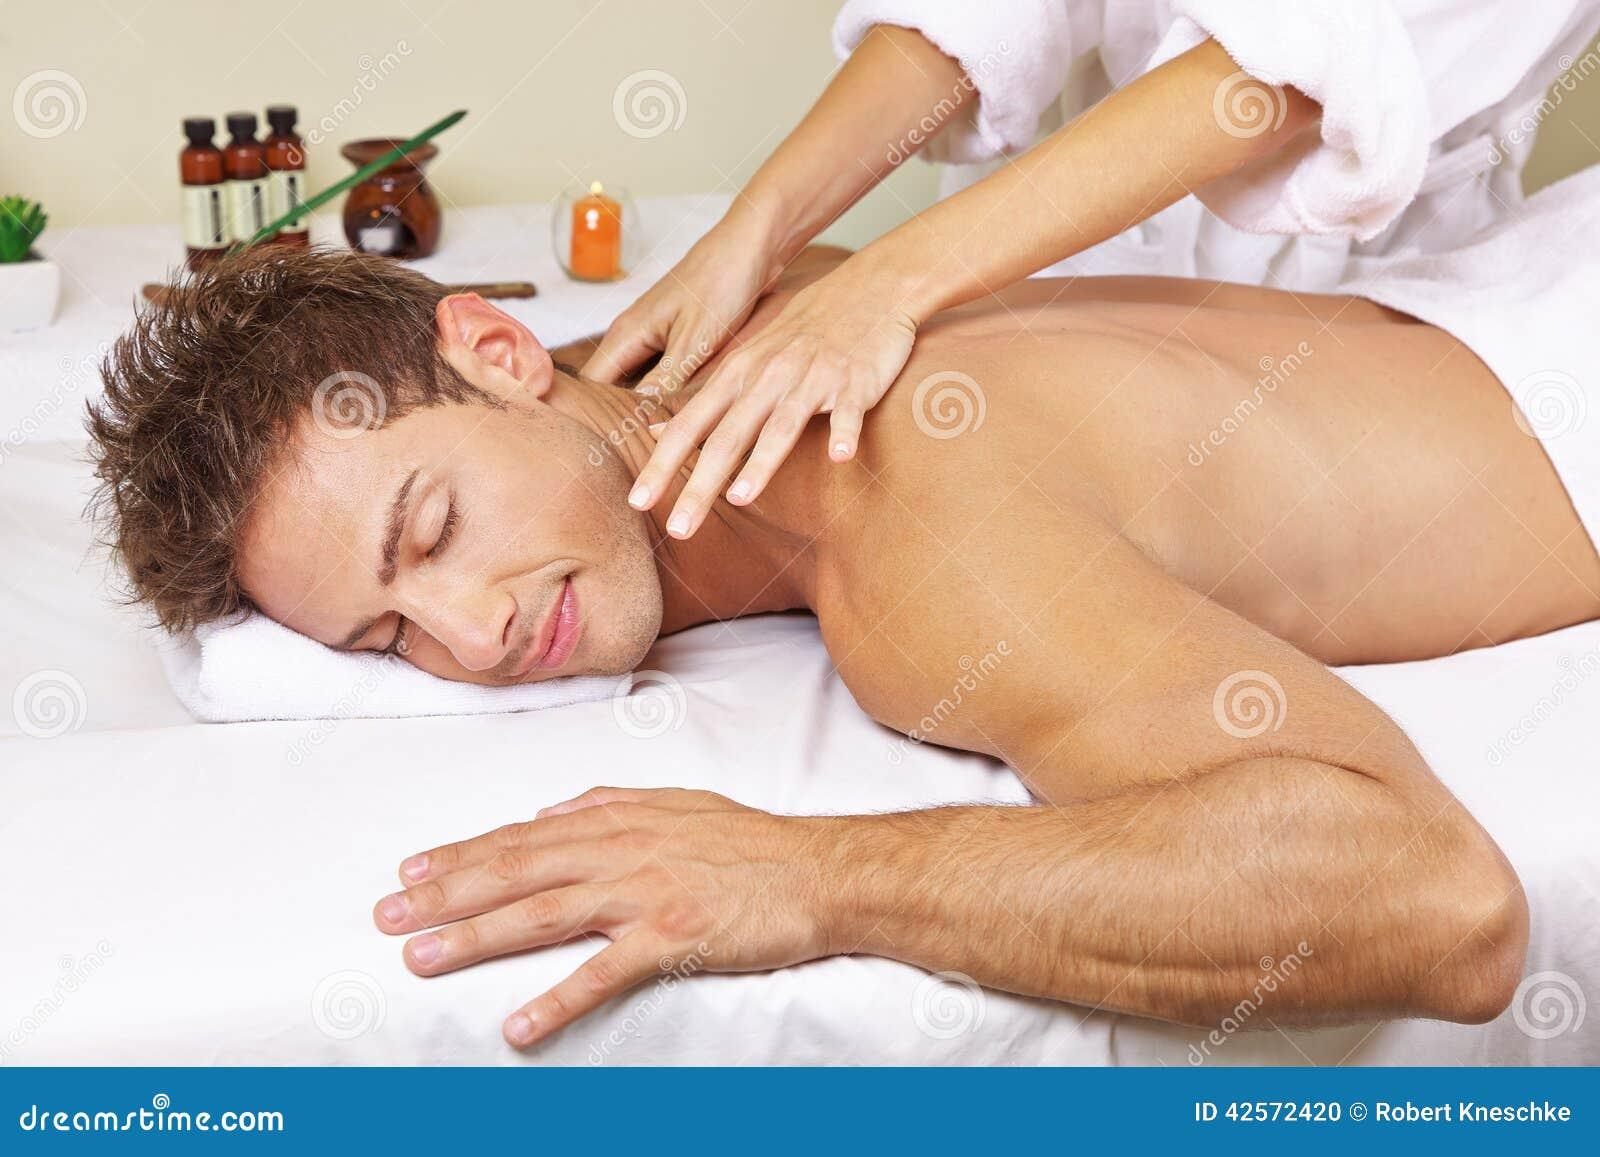 Mann, der thailändische Massage im Tagesbadekurort erhält